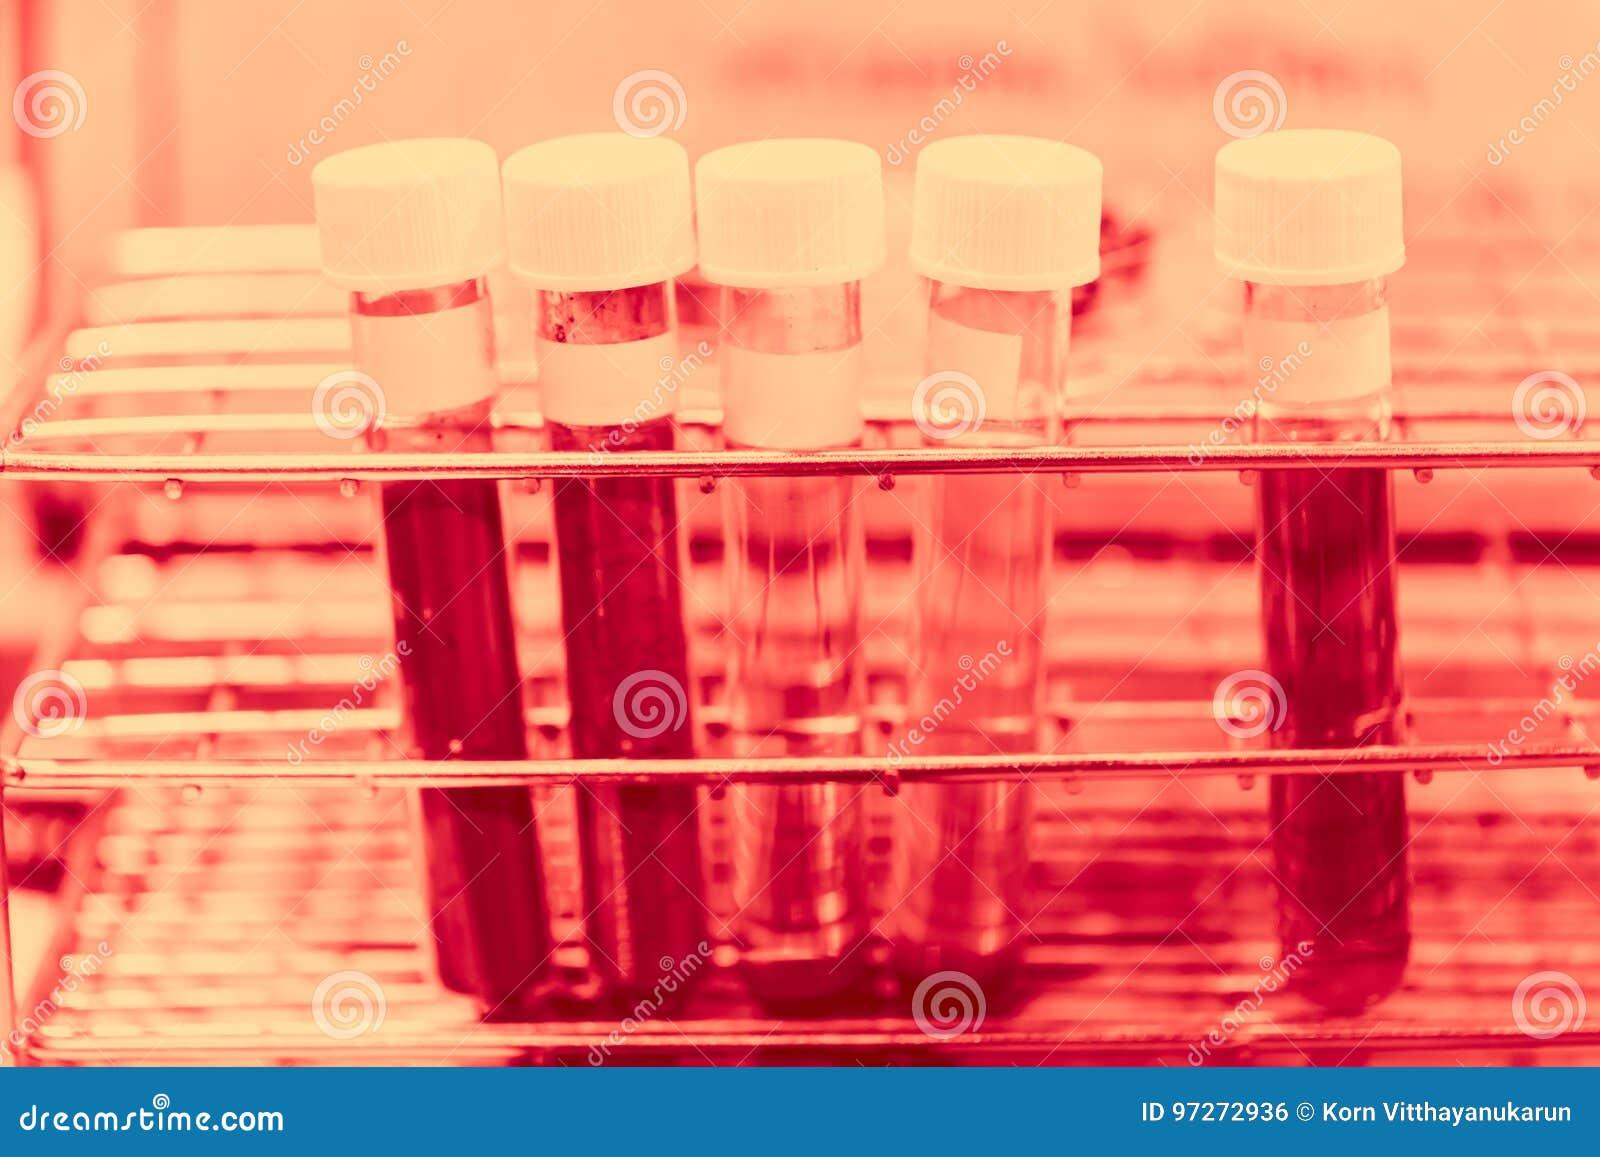 Blodgrupp i kemiskt labbbegrepp för medicinsk forskning